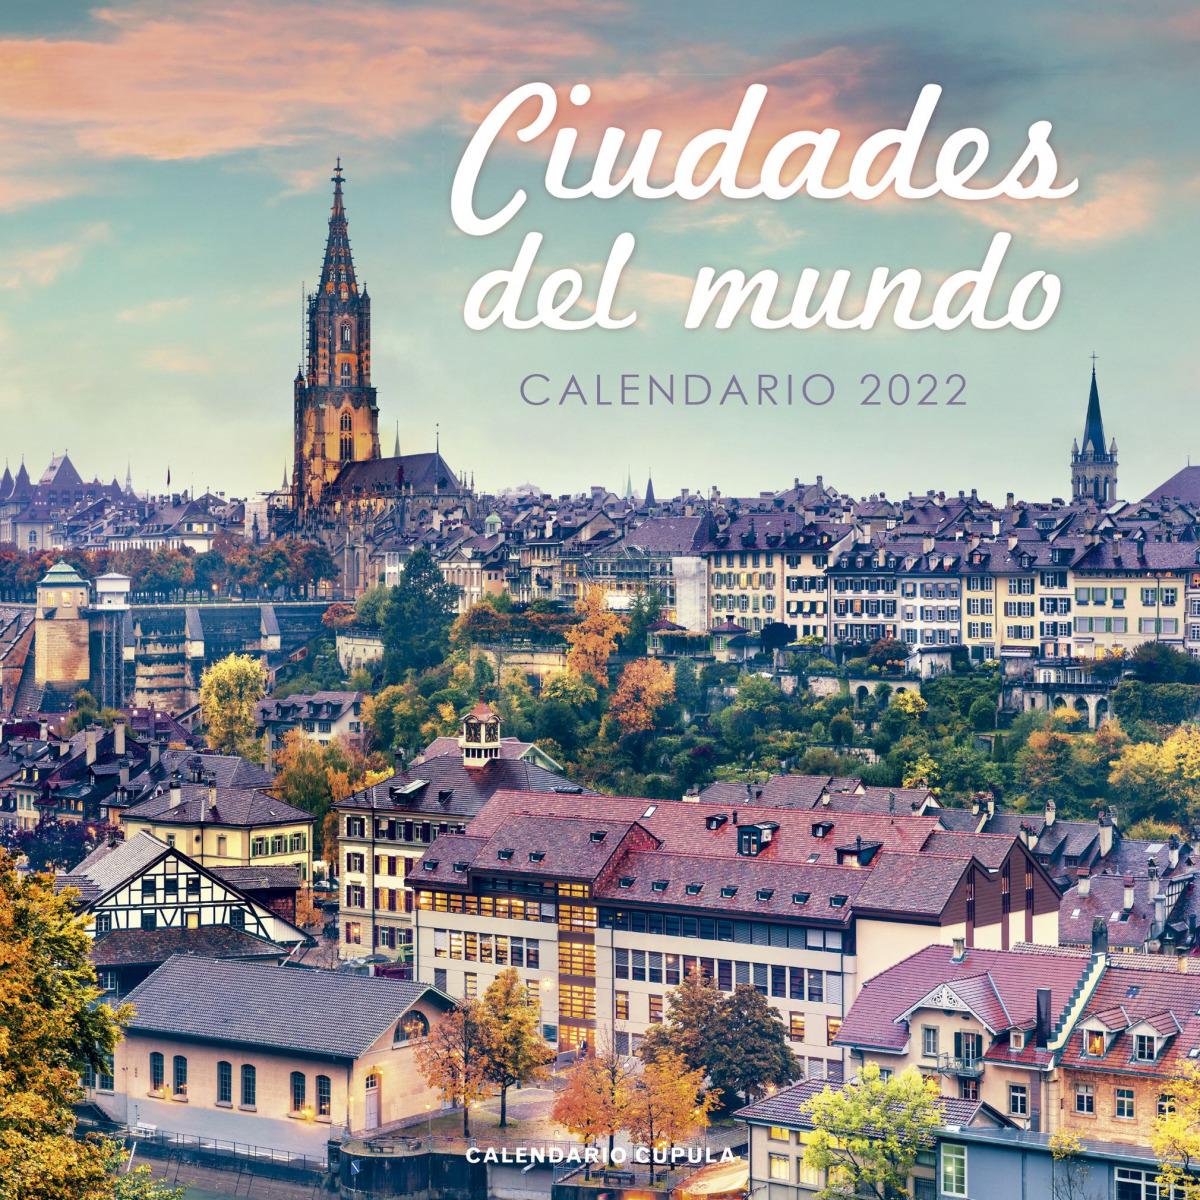 Calendario Ciudades del mundo 2022